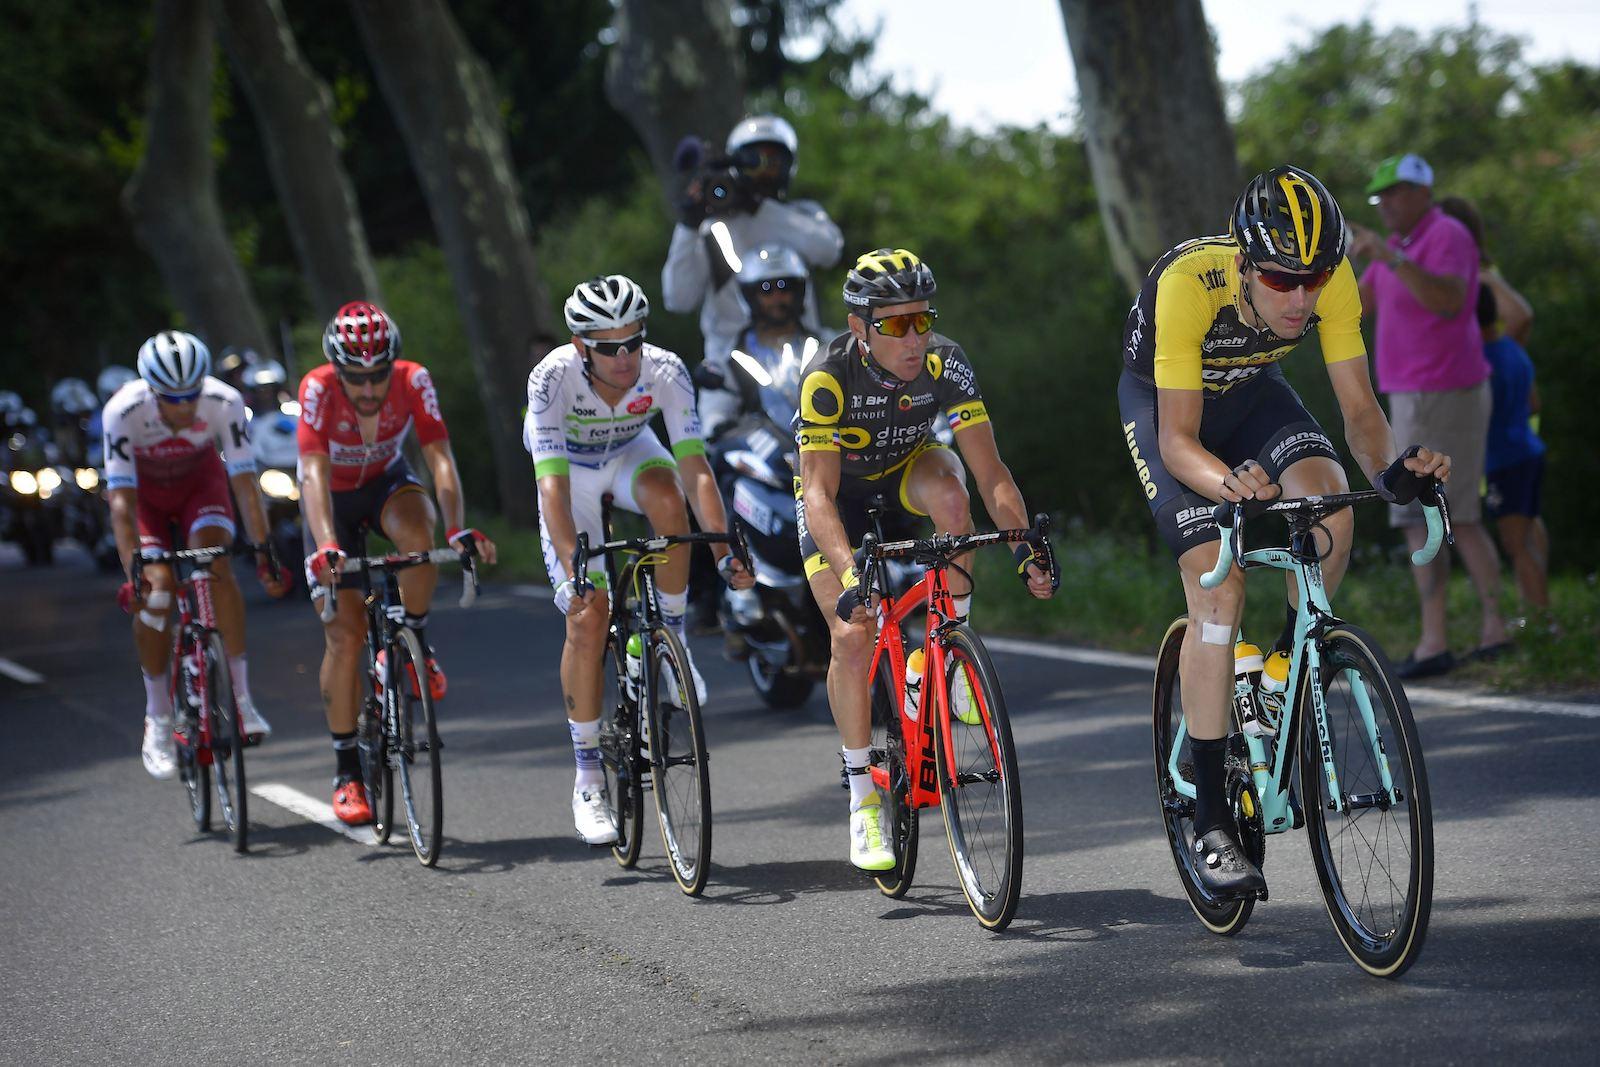 Tour de France – Stage 14